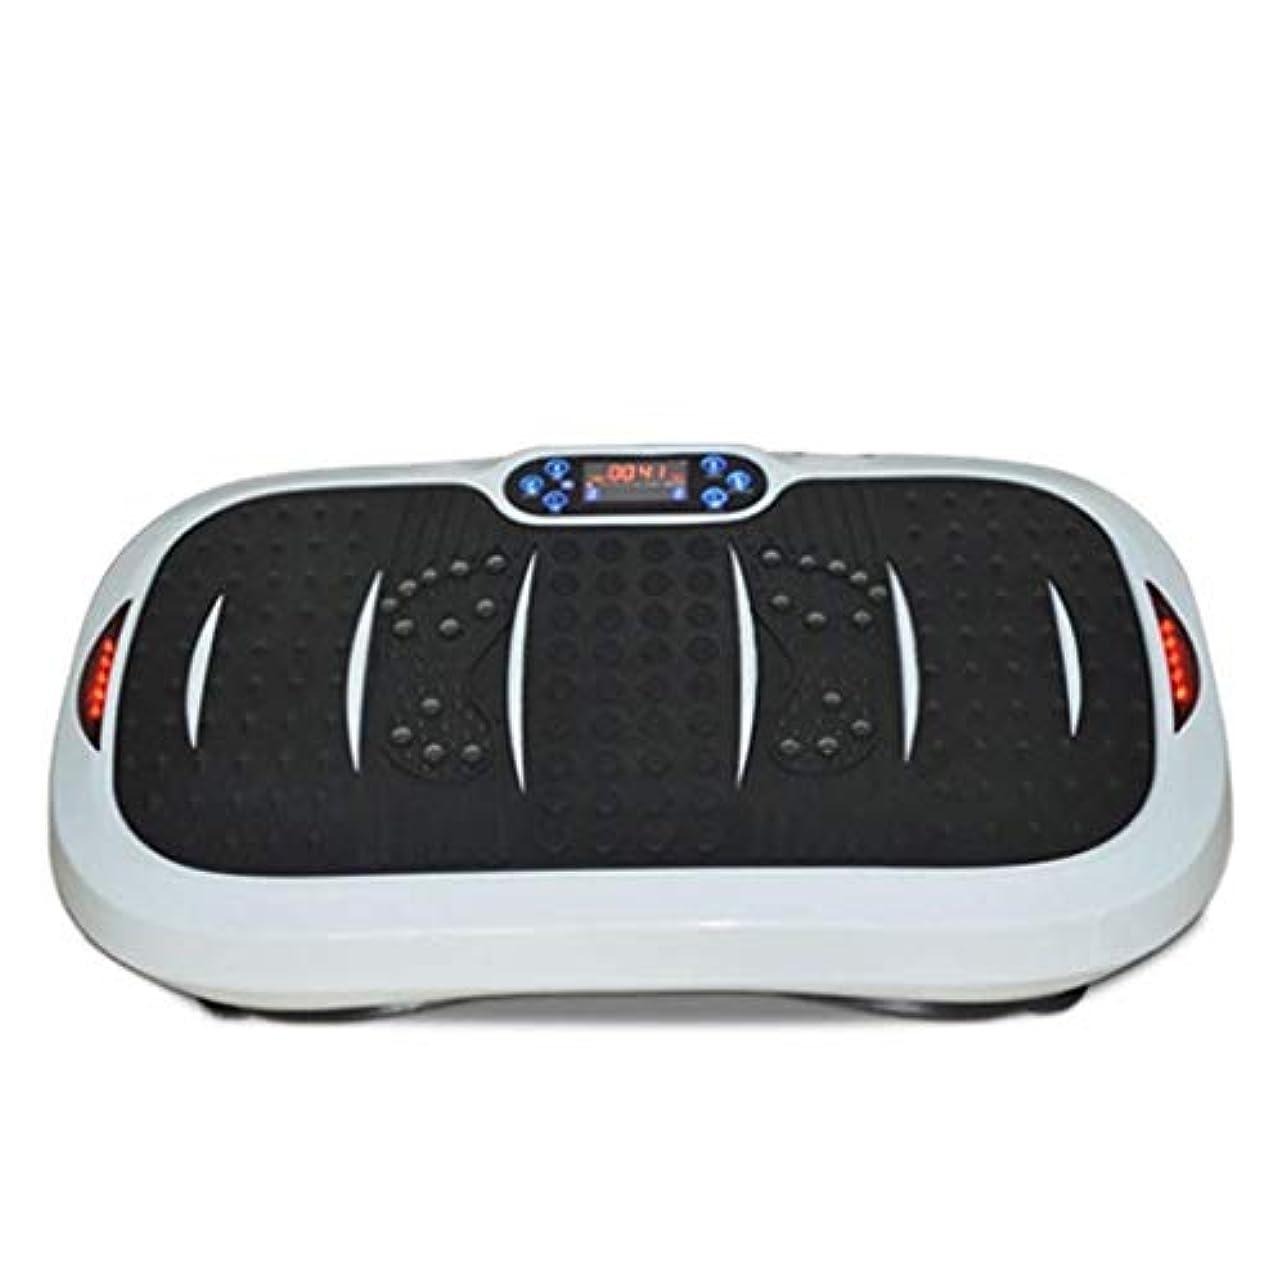 世論調査ペストリー空中家庭用減量装置、超薄型振動フィットネストレーナー、スポーツおよび3Dフィットネス振動プレート、USB音楽/スピーカー付き/ 99レベル減速ボディおよびタッチディスプレイ滑り止め表面